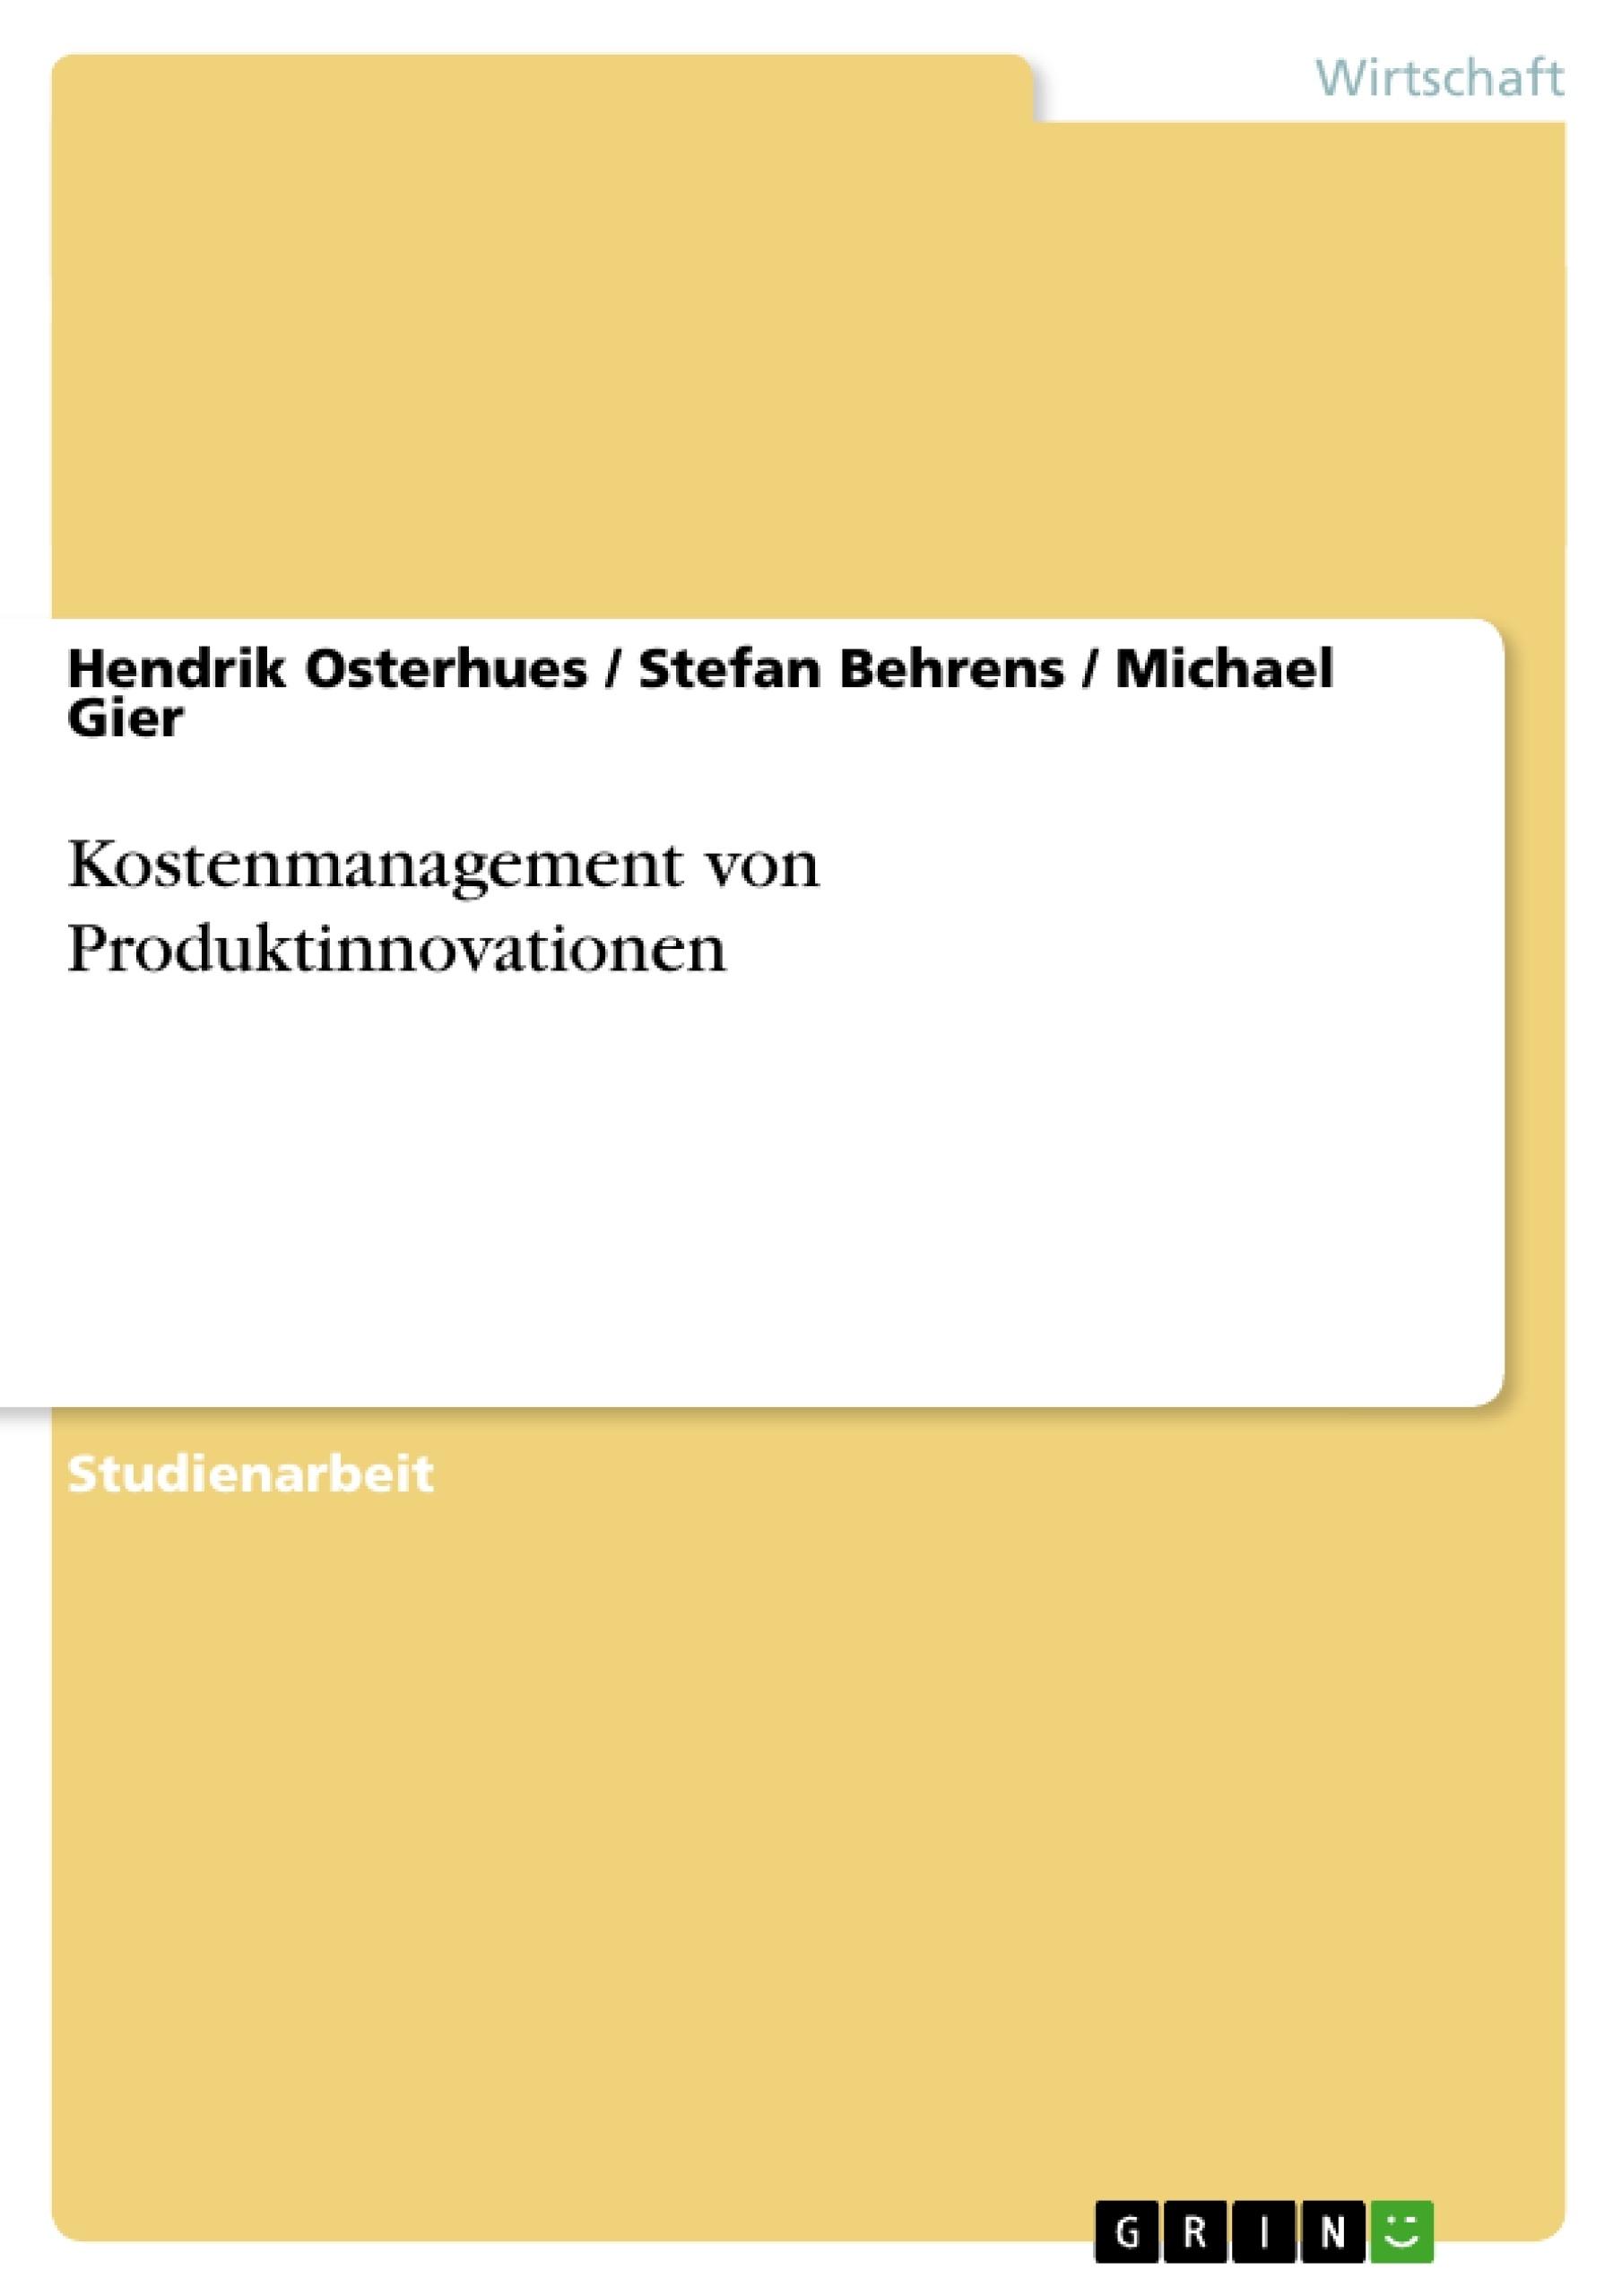 Titel: Kostenmanagement von Produktinnovationen